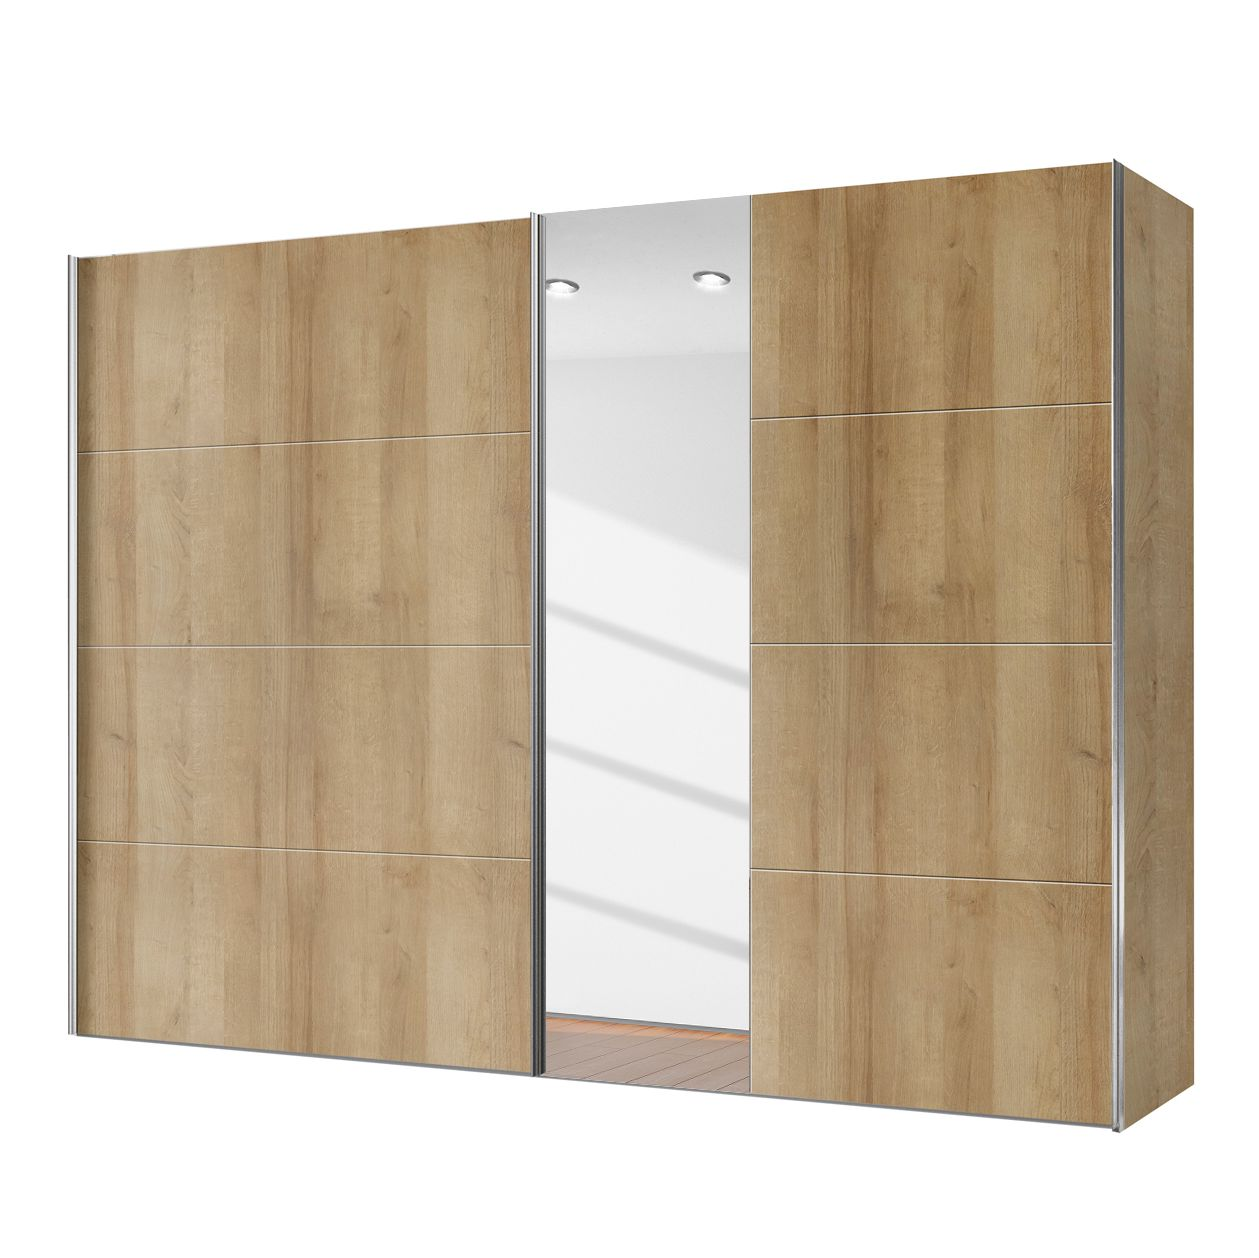 goedkoop Schuifdeurkast Willows Riviera eikenhouten look Spiegelglas 250cm 2 deurs Express Mobel